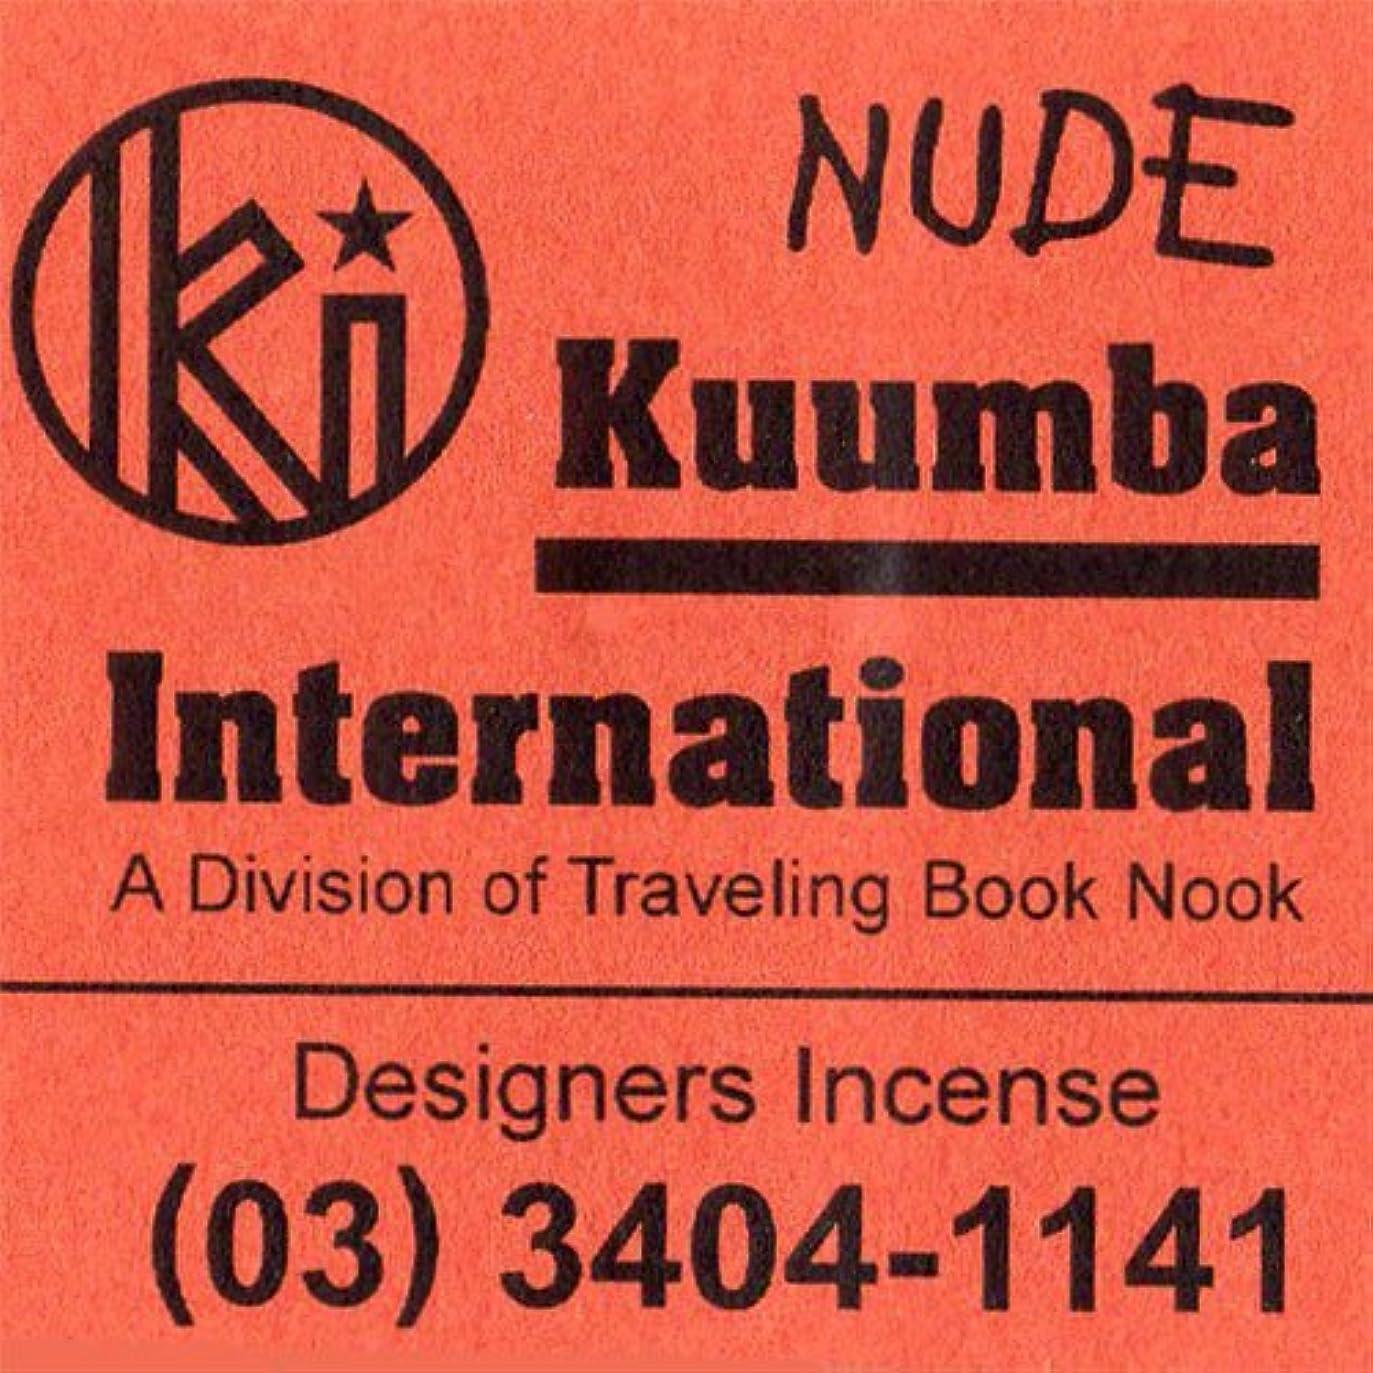 代理人言い換えると動物KUUMBA / クンバ『incense』(NUDE) (Regular size)